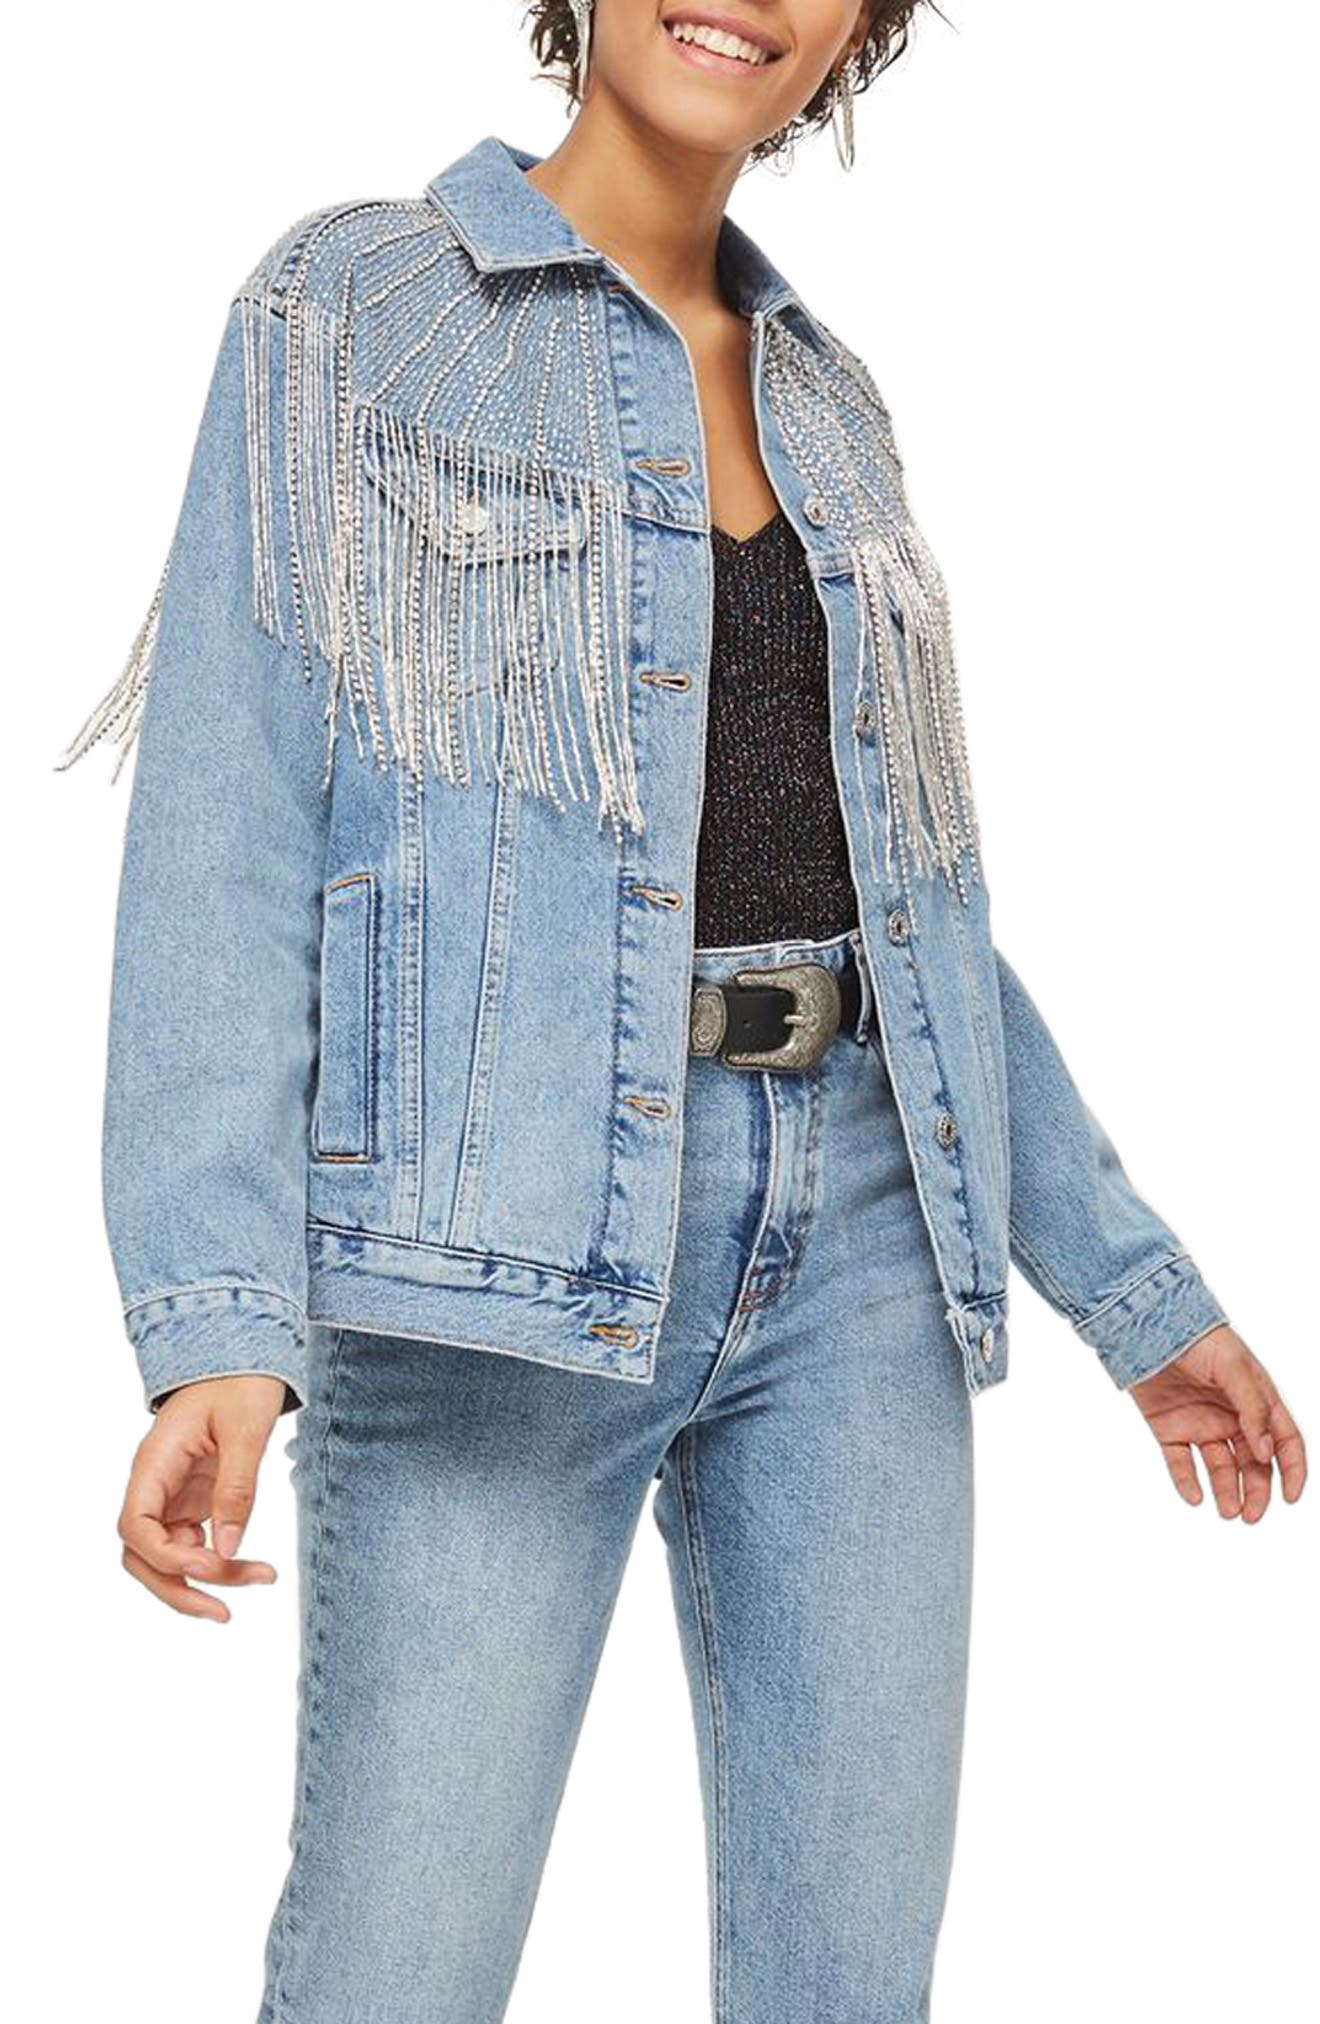 Topshop Dolly Sequin Fringe Denim Jacket